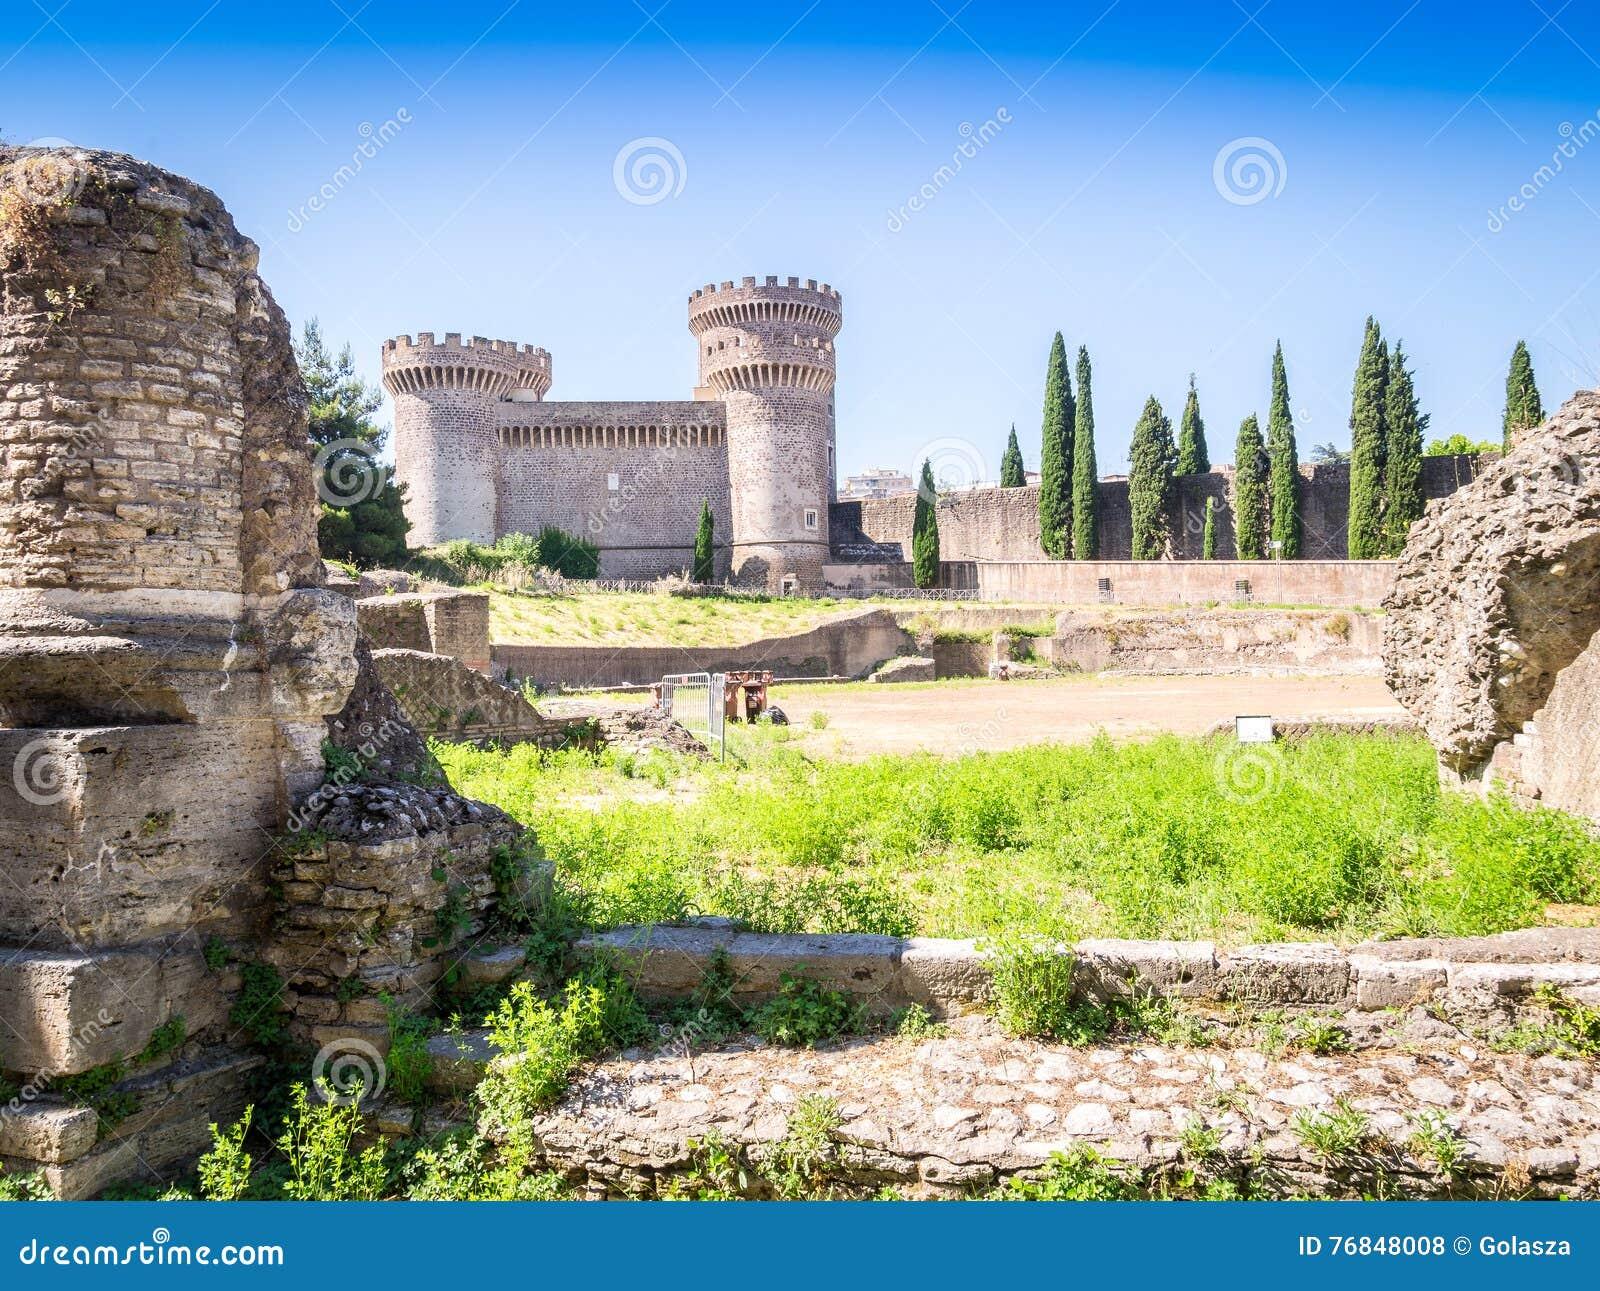 Fortecy Rocca Pia Di Bleso i Amfiteatr, Tivoli, Włochy